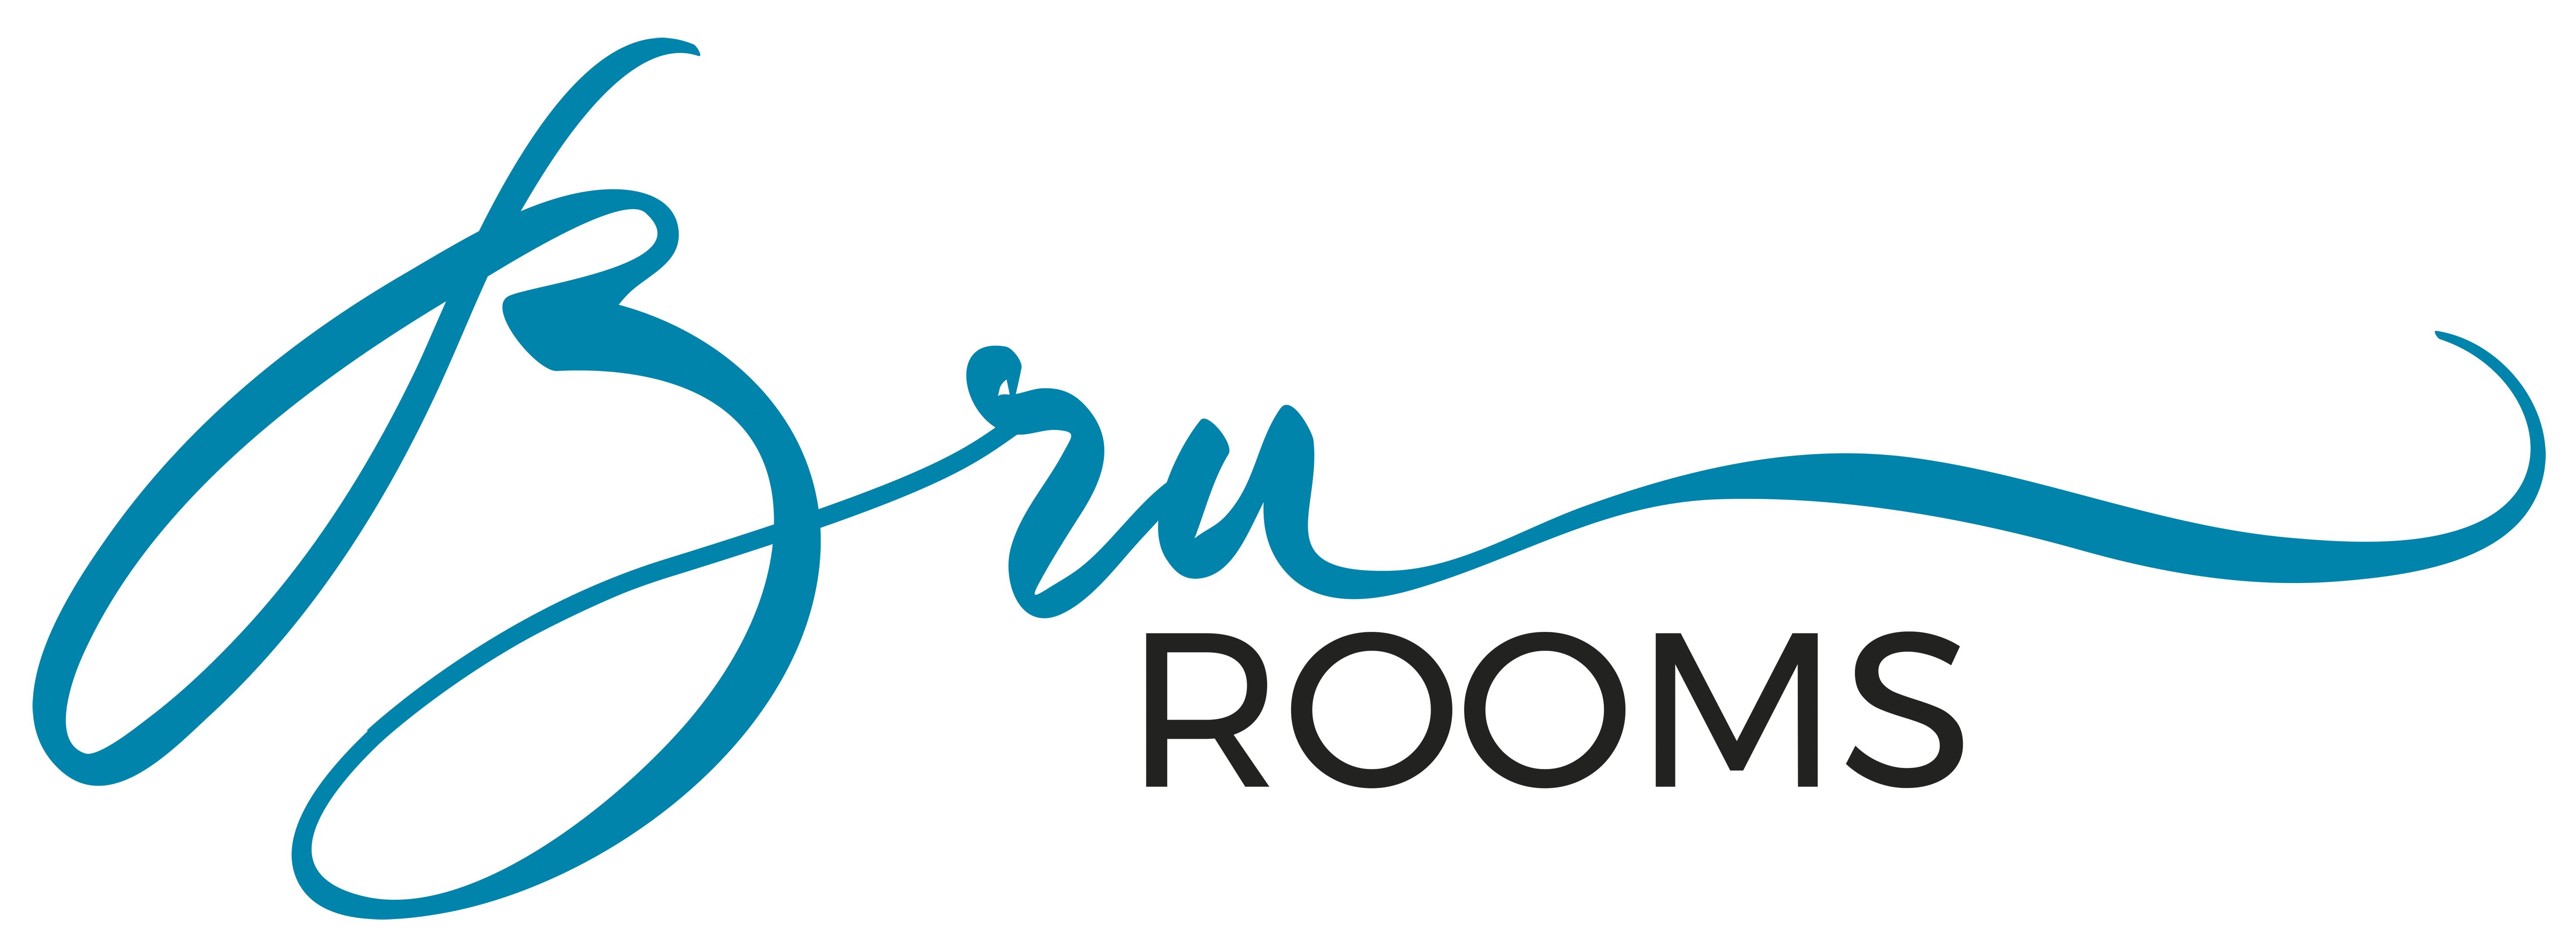 Bru Rooms